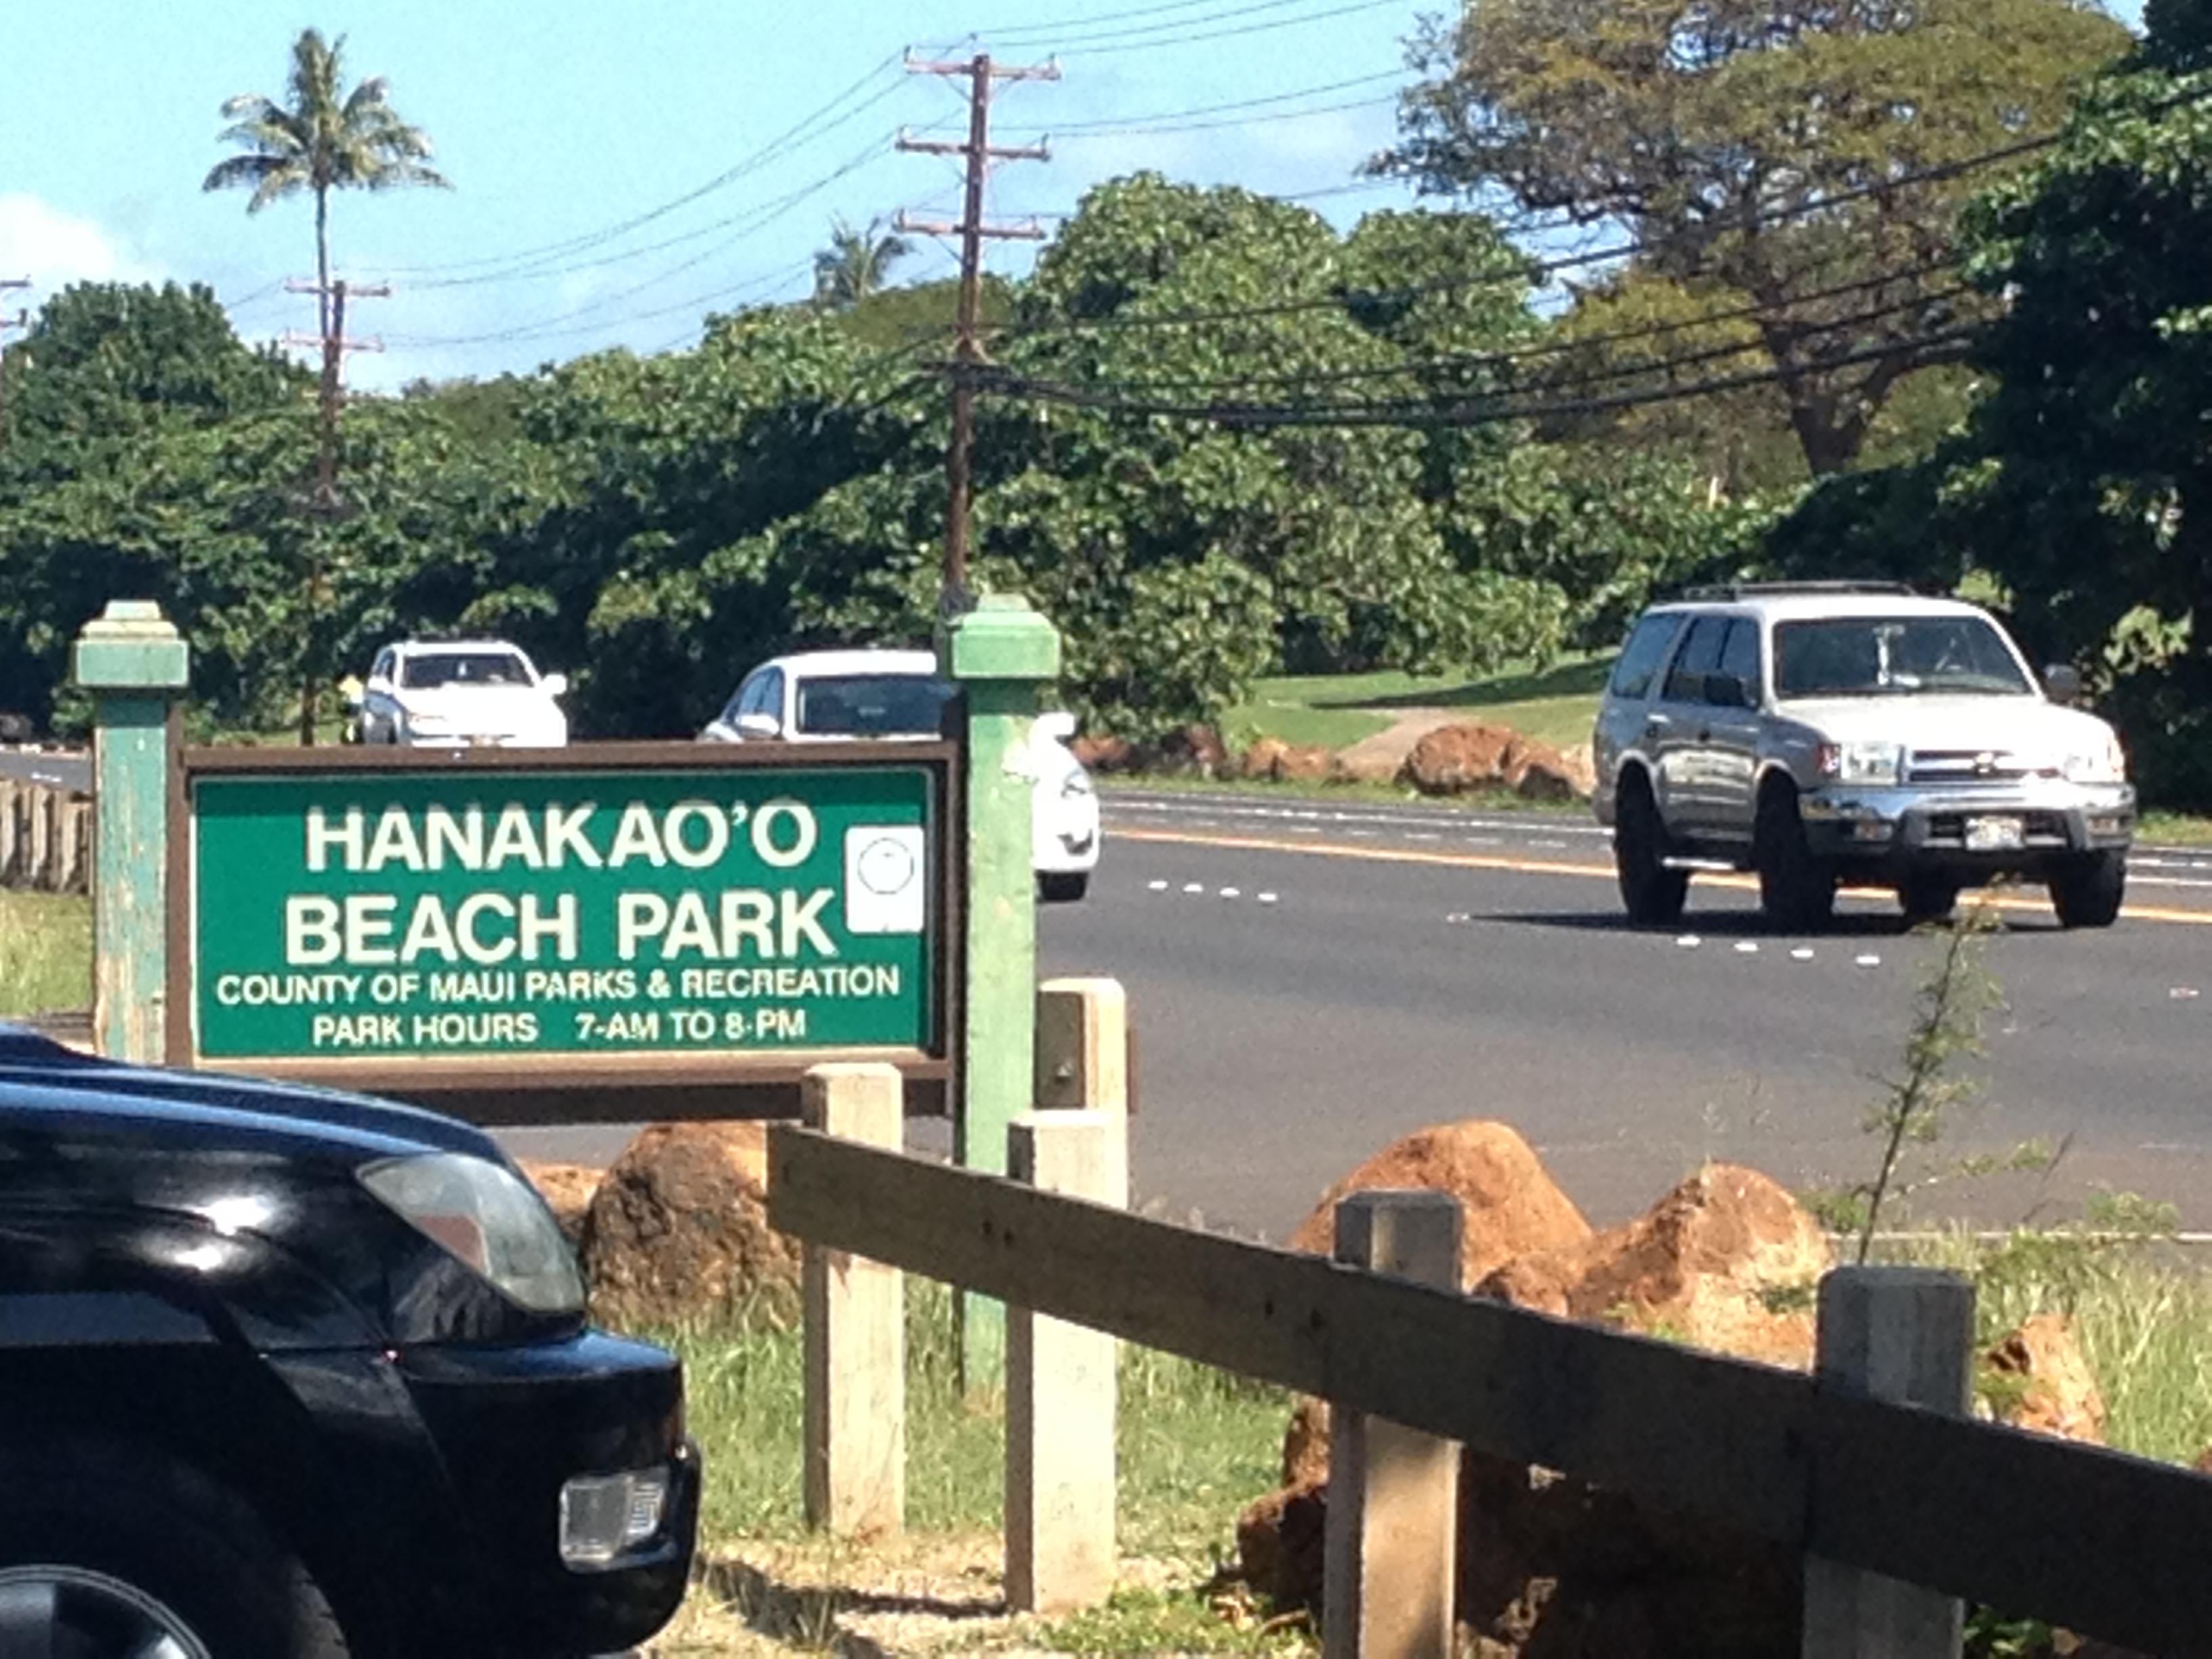 Hanakaoo